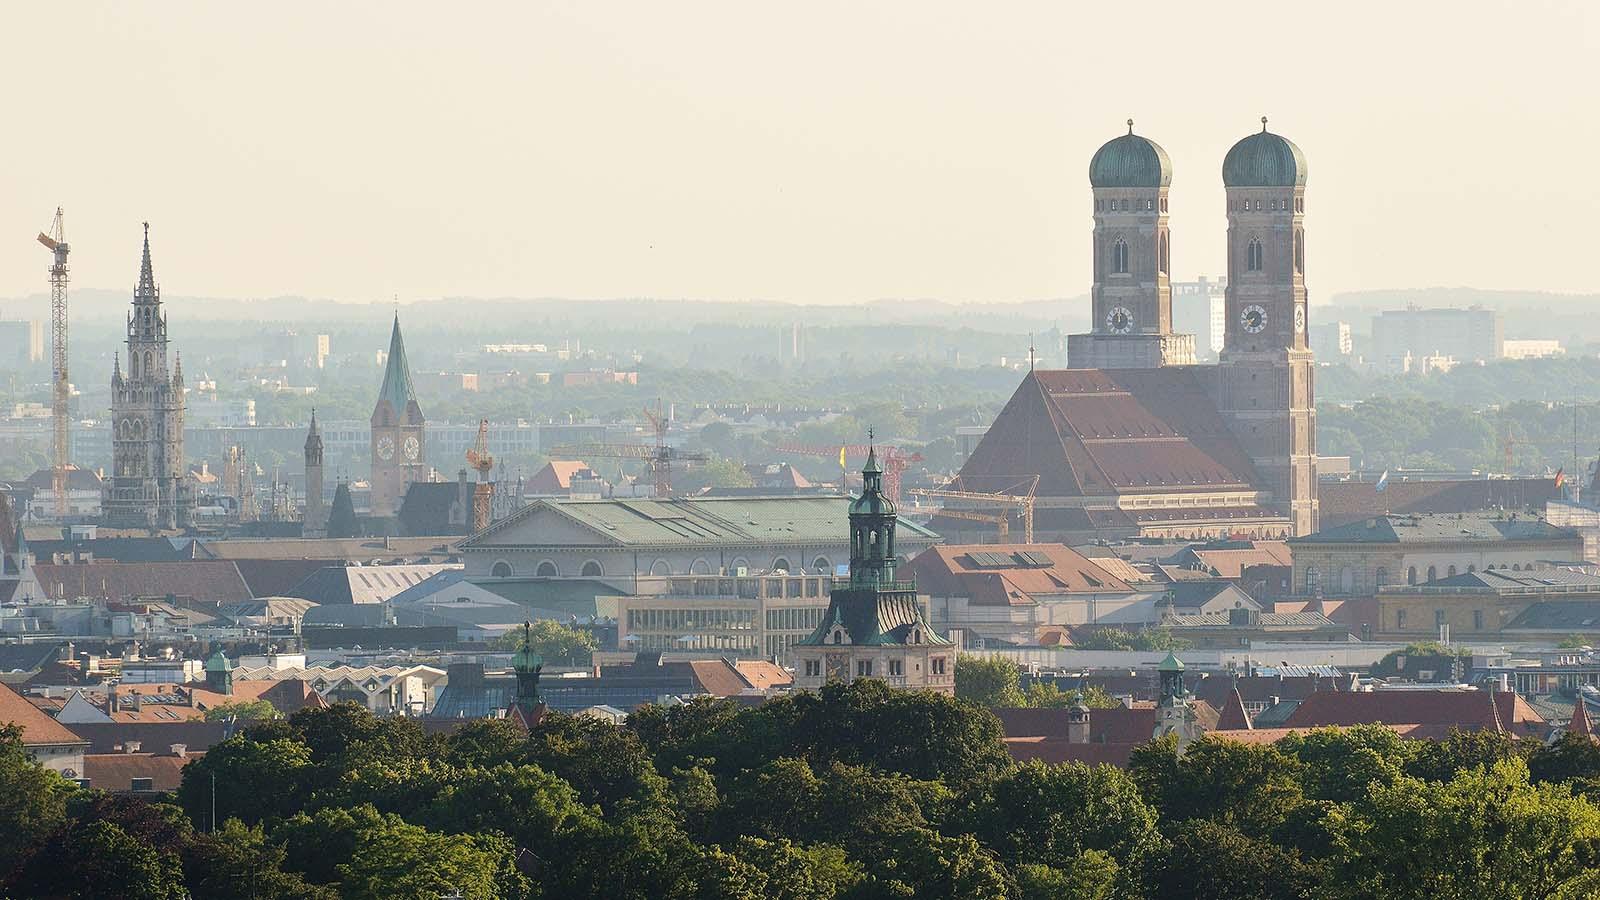 Immobilienmarkt München - Frauenkirche - Luxusimmobilien München